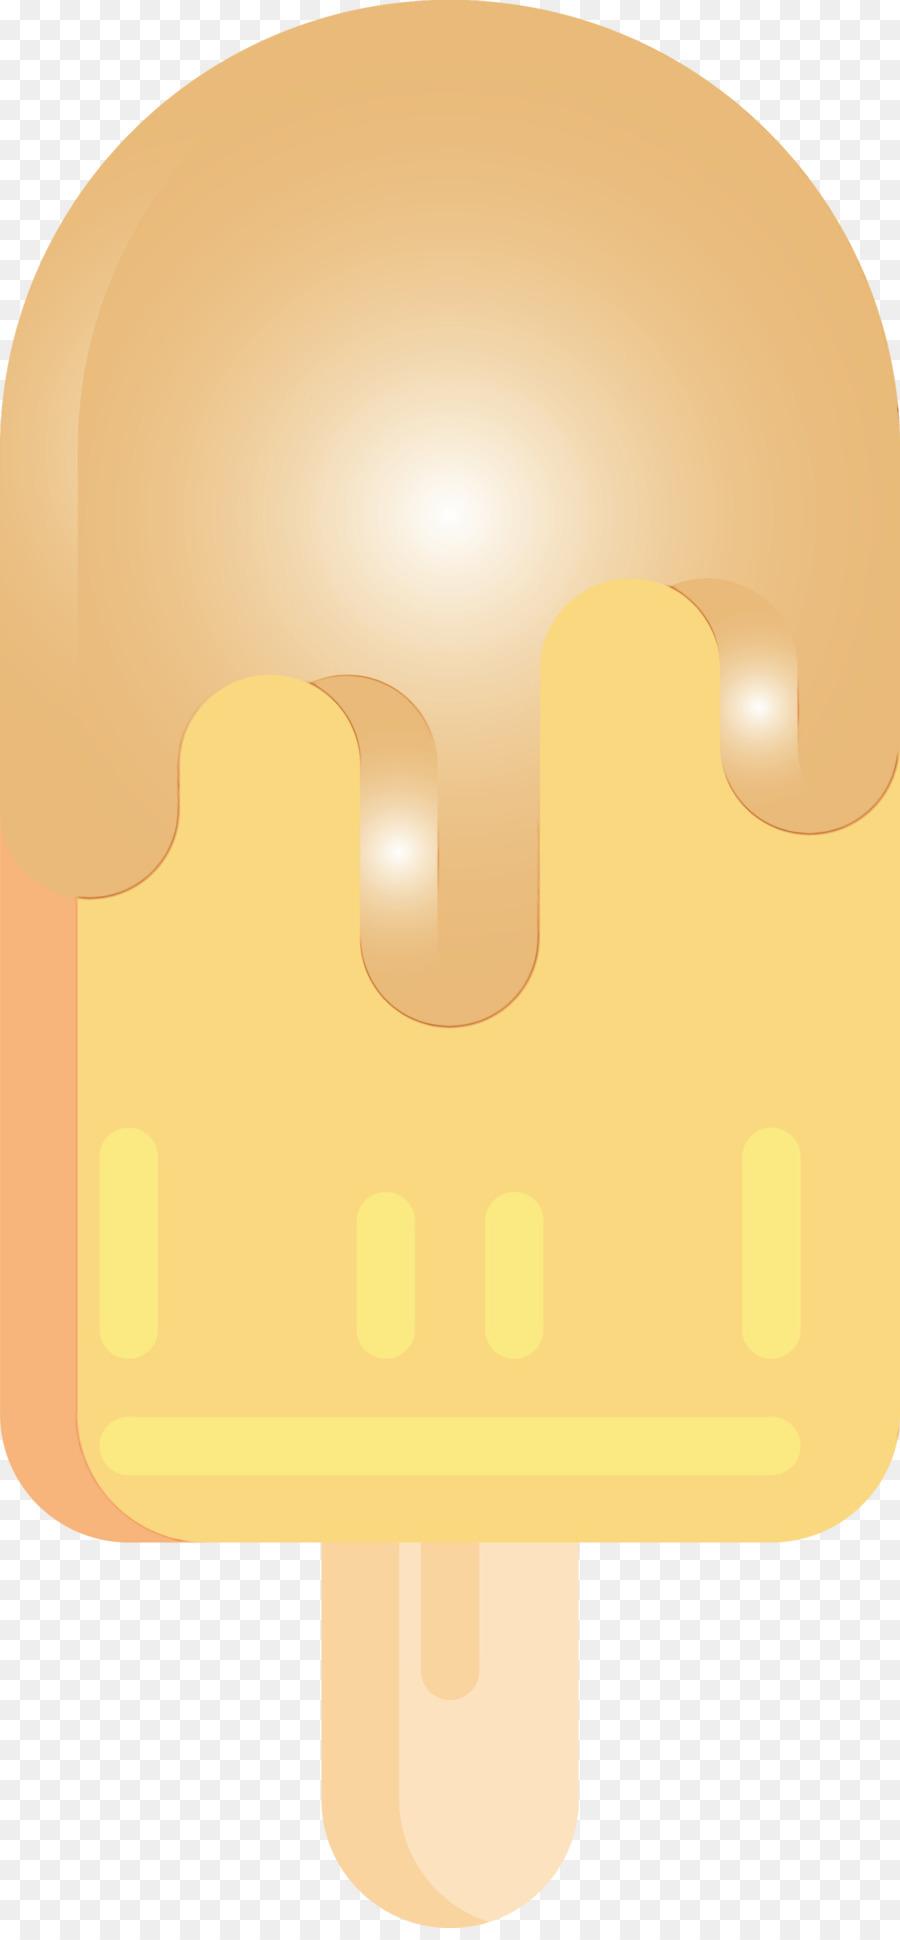 Descarga gratuita de Amarillo, Línea imágenes PNG